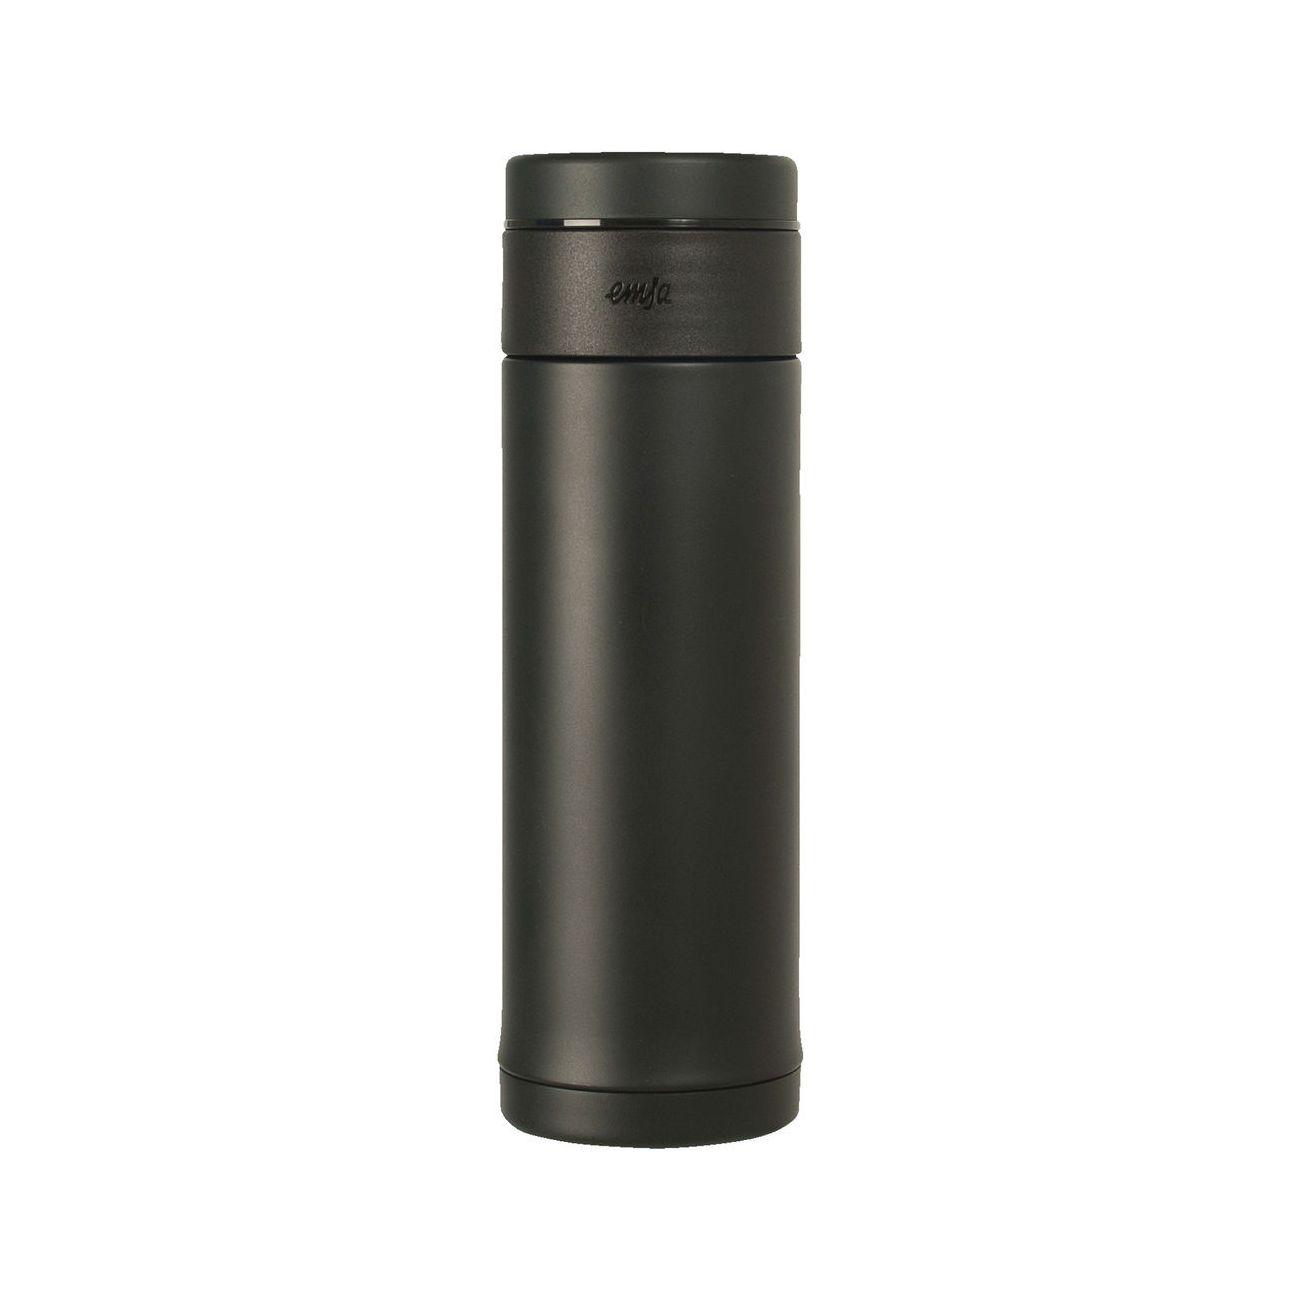 Термос-кружка 42 л. EMSA MOBILITY SLIM0Термос изготовлен из высококачественной нержавеющей стали. Он отлично держит температуру вашего напитка в течение длительного времени. Вы сможете взять свой напиток с собой в дорогу и пить его где бы вы не находились. Термос герметичен и на 100% экологически безопасен.<br>